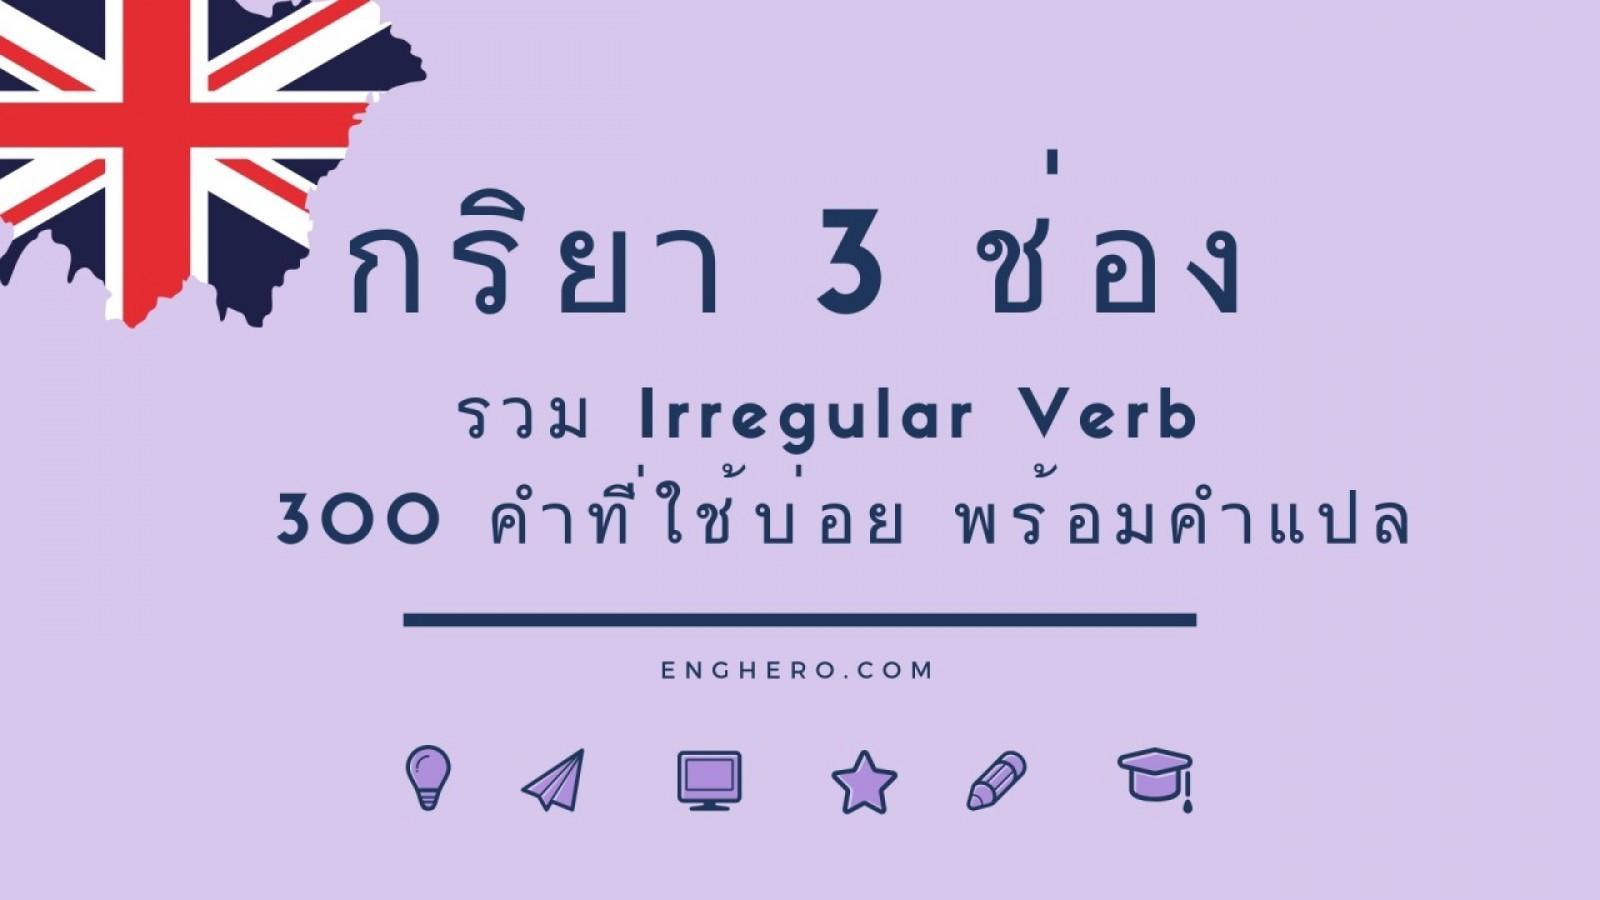 กริยา 3 ช่อง 300 คำที่ใช้บ่อย พร้อมคำแปล - หมวด Irregular Verbs